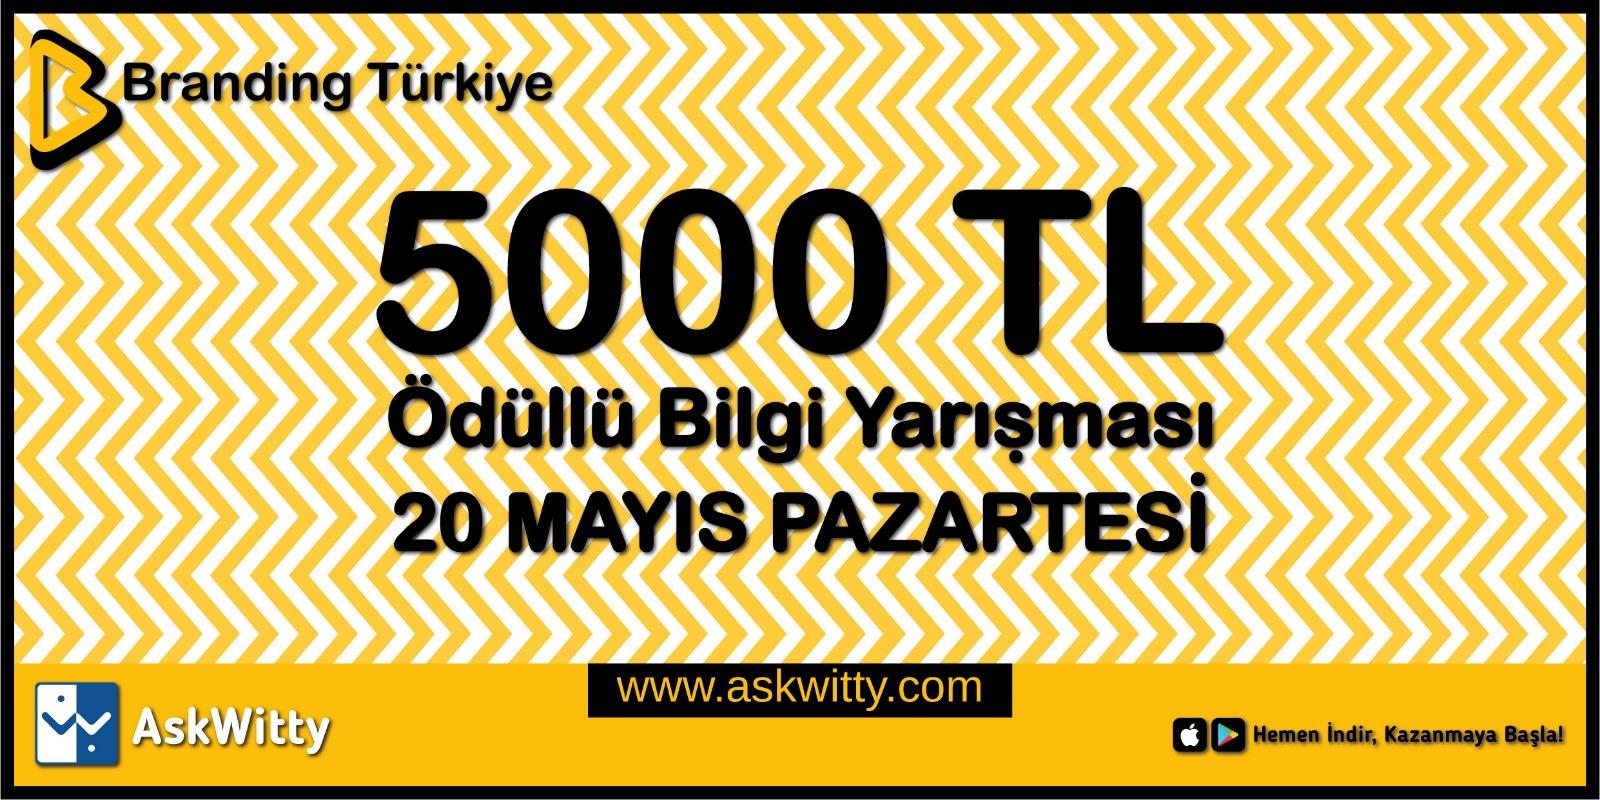 AskWitty Bilgi Yarışması - Branding Türkiye